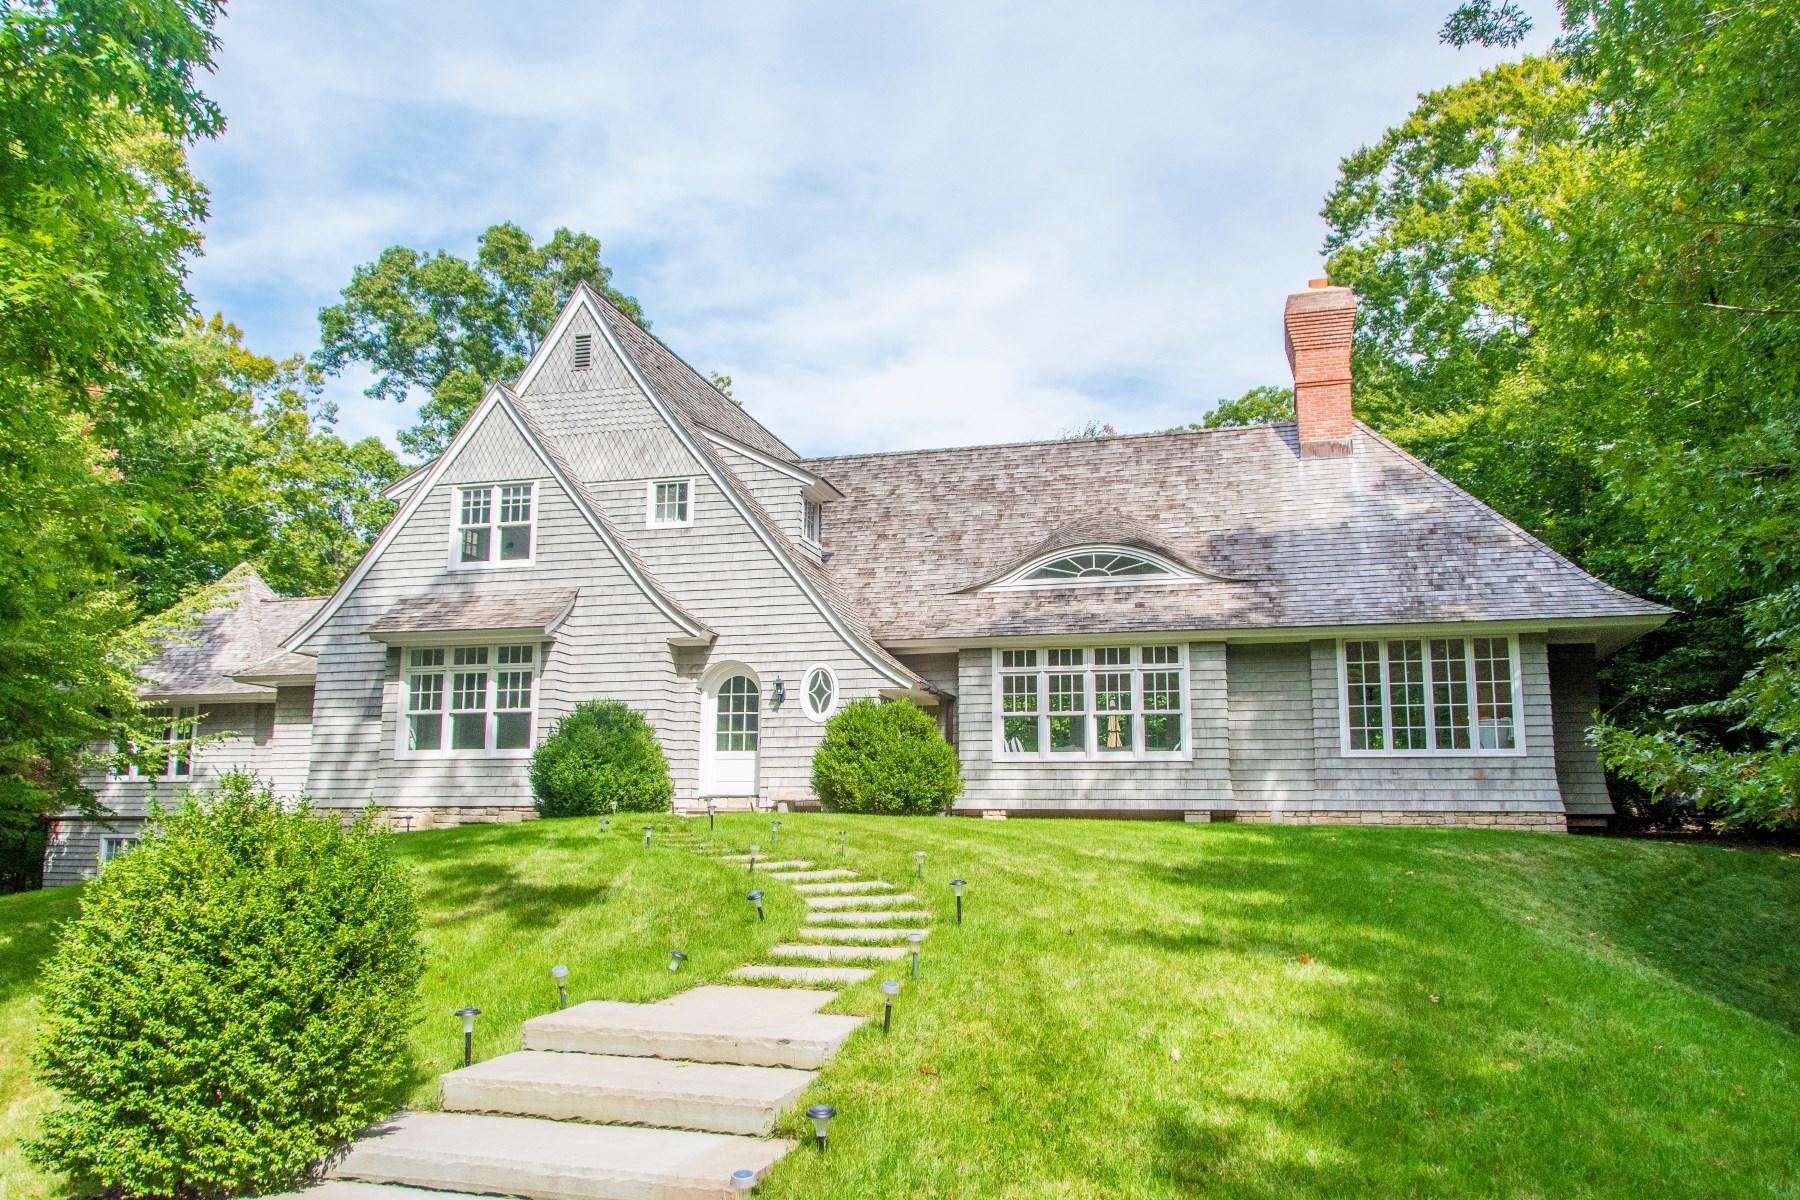 Single Family Home for Rent at Amagansett Bell Estate Amagansett, New York 11930 United States